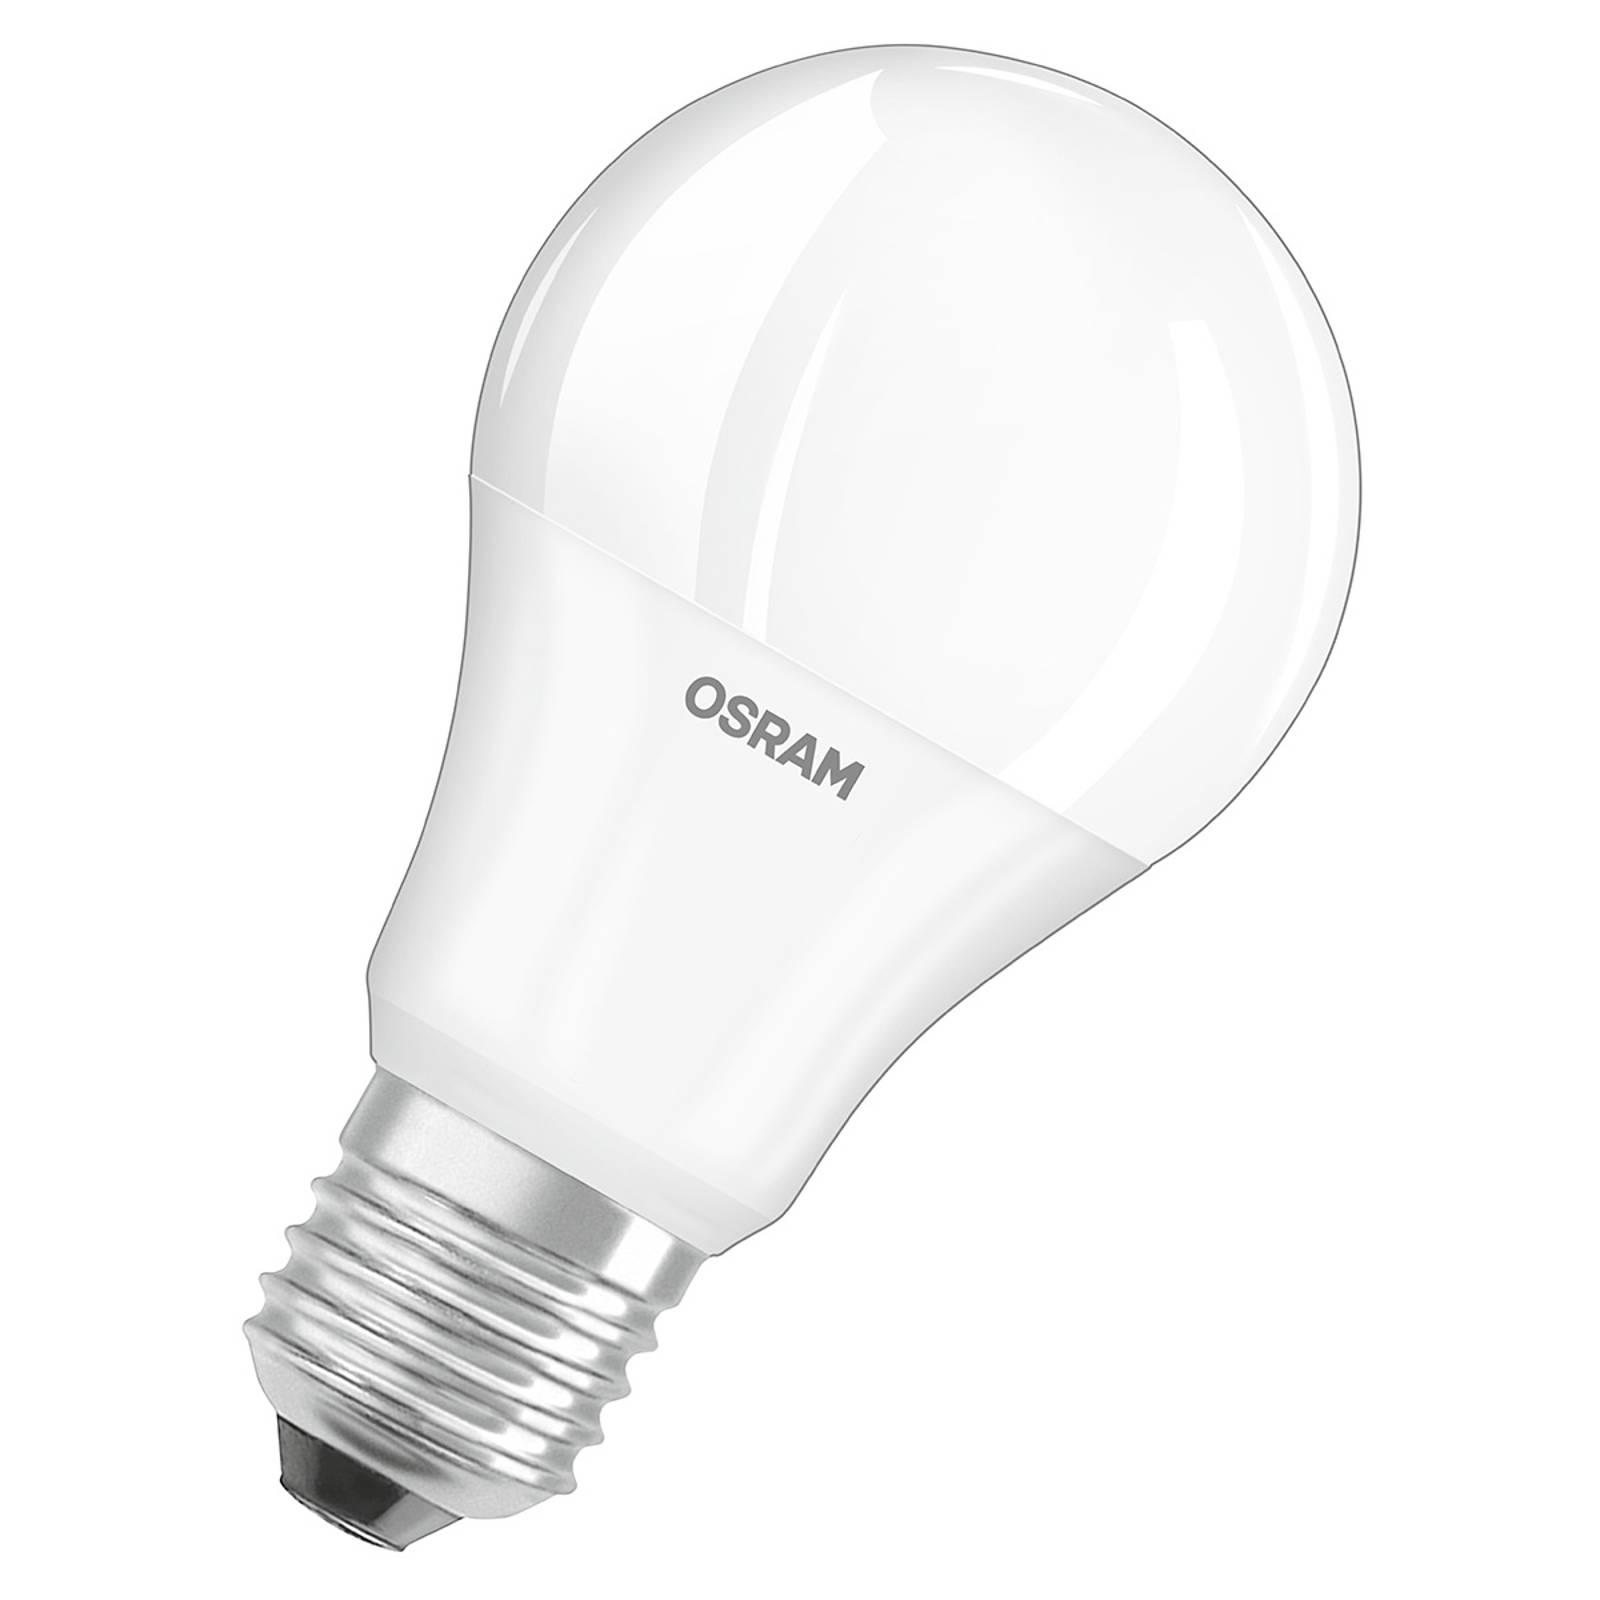 OSRAM-LED-lamppu E27 5,5 W Star 827 470 lm